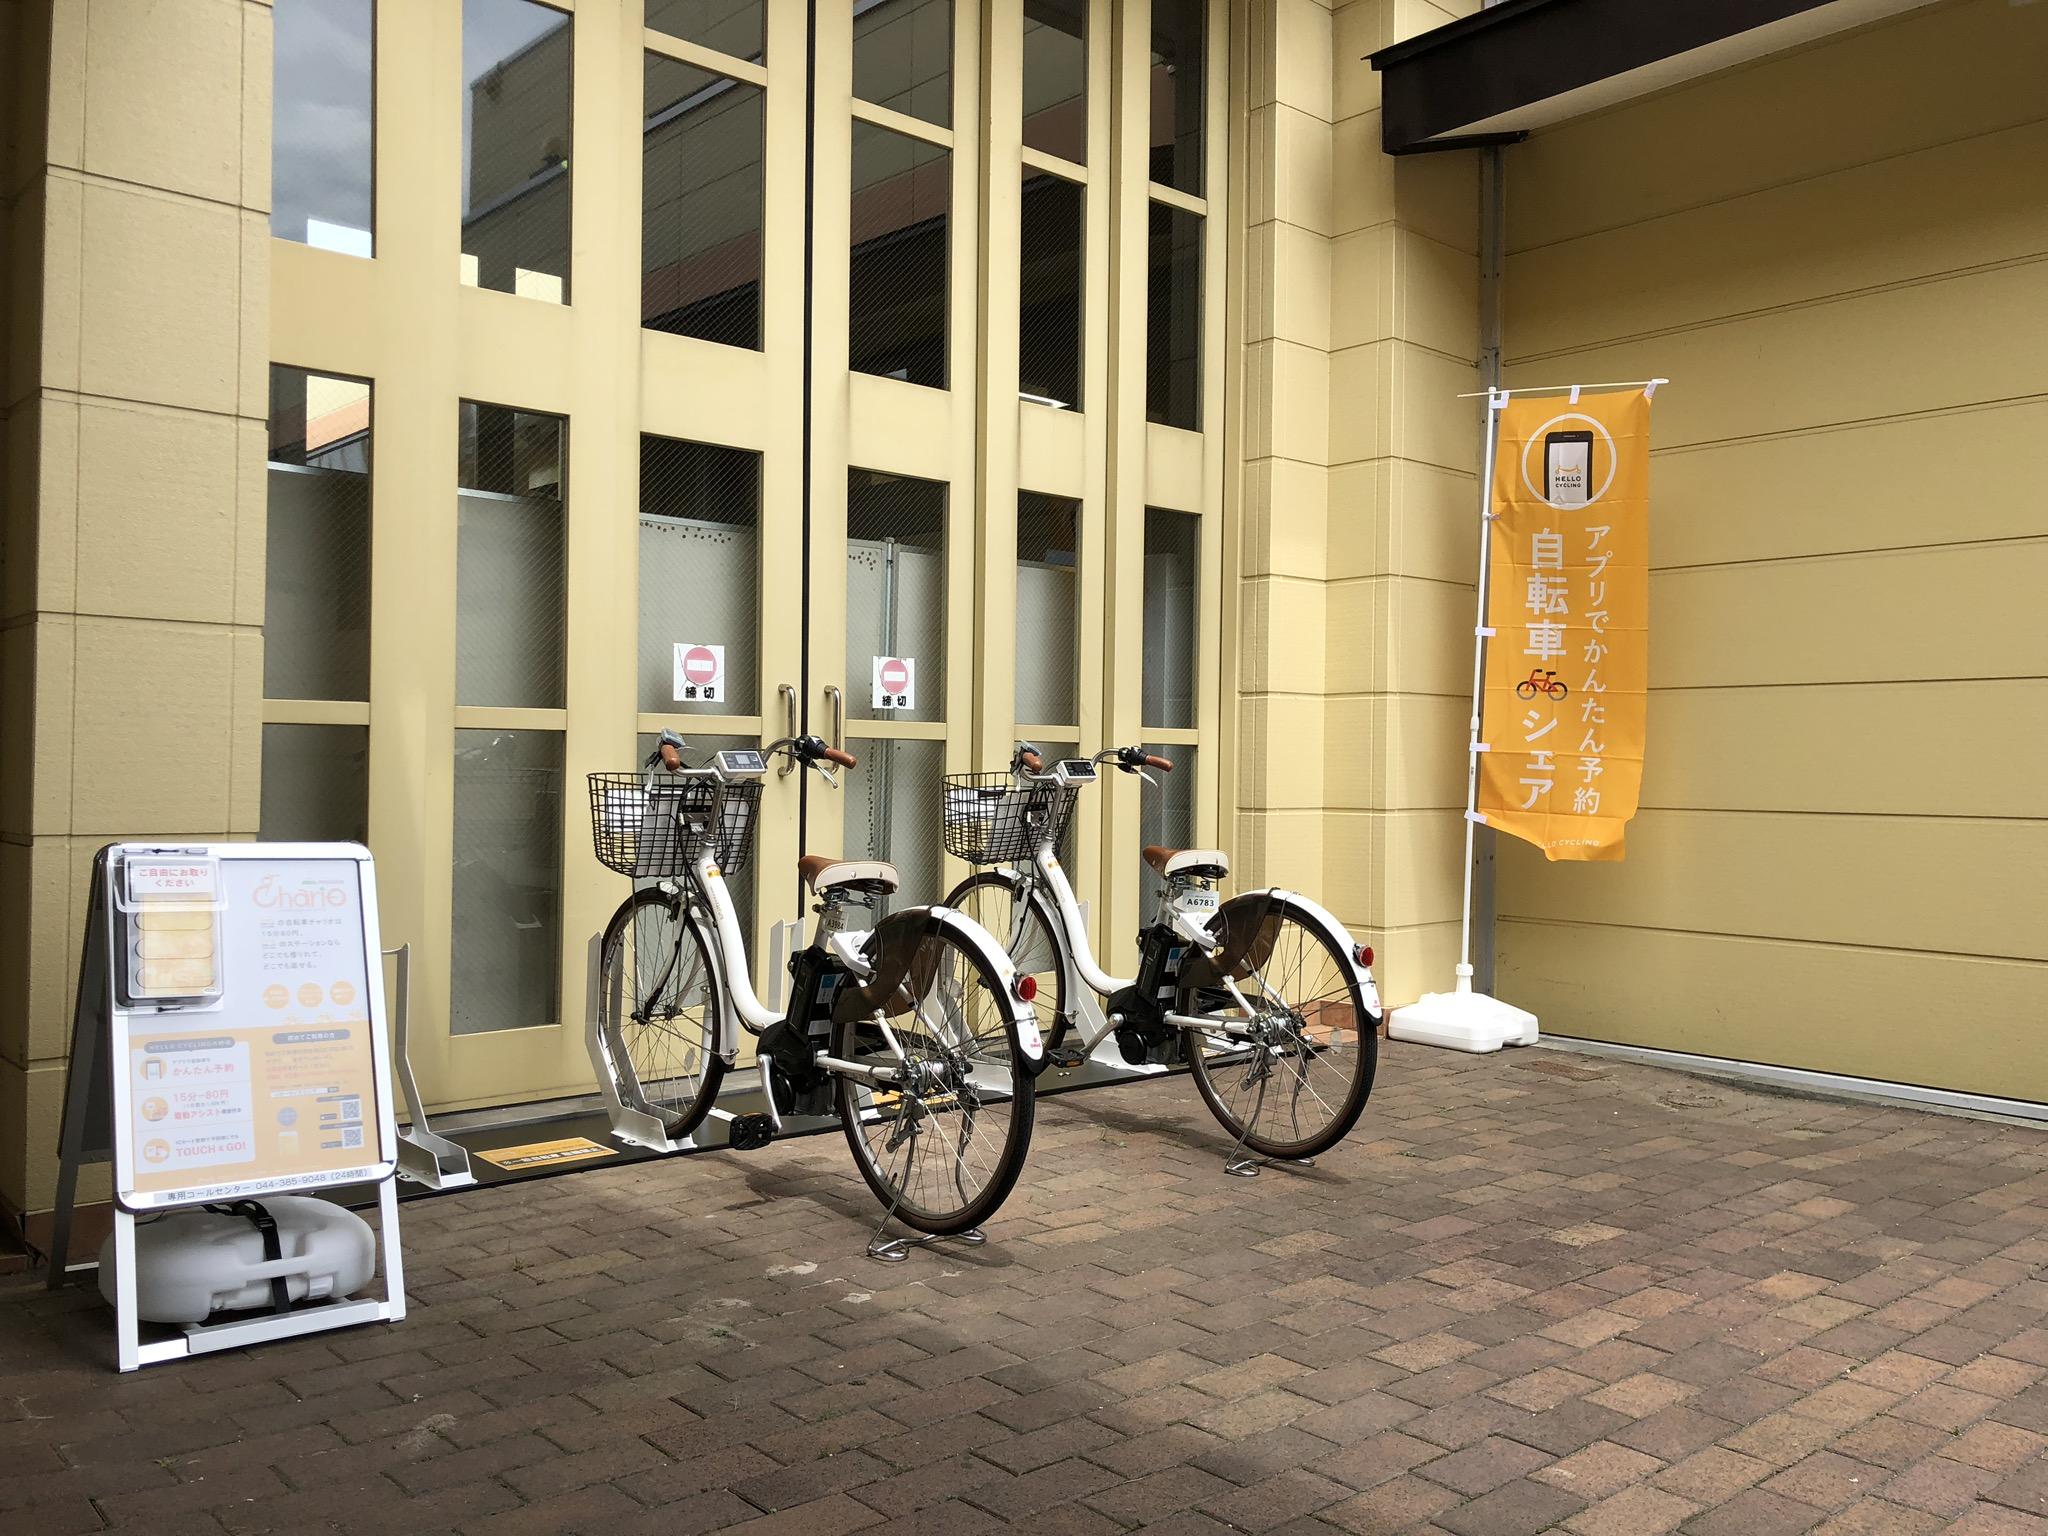 八食センター (HELLO CYCLING ポート) image